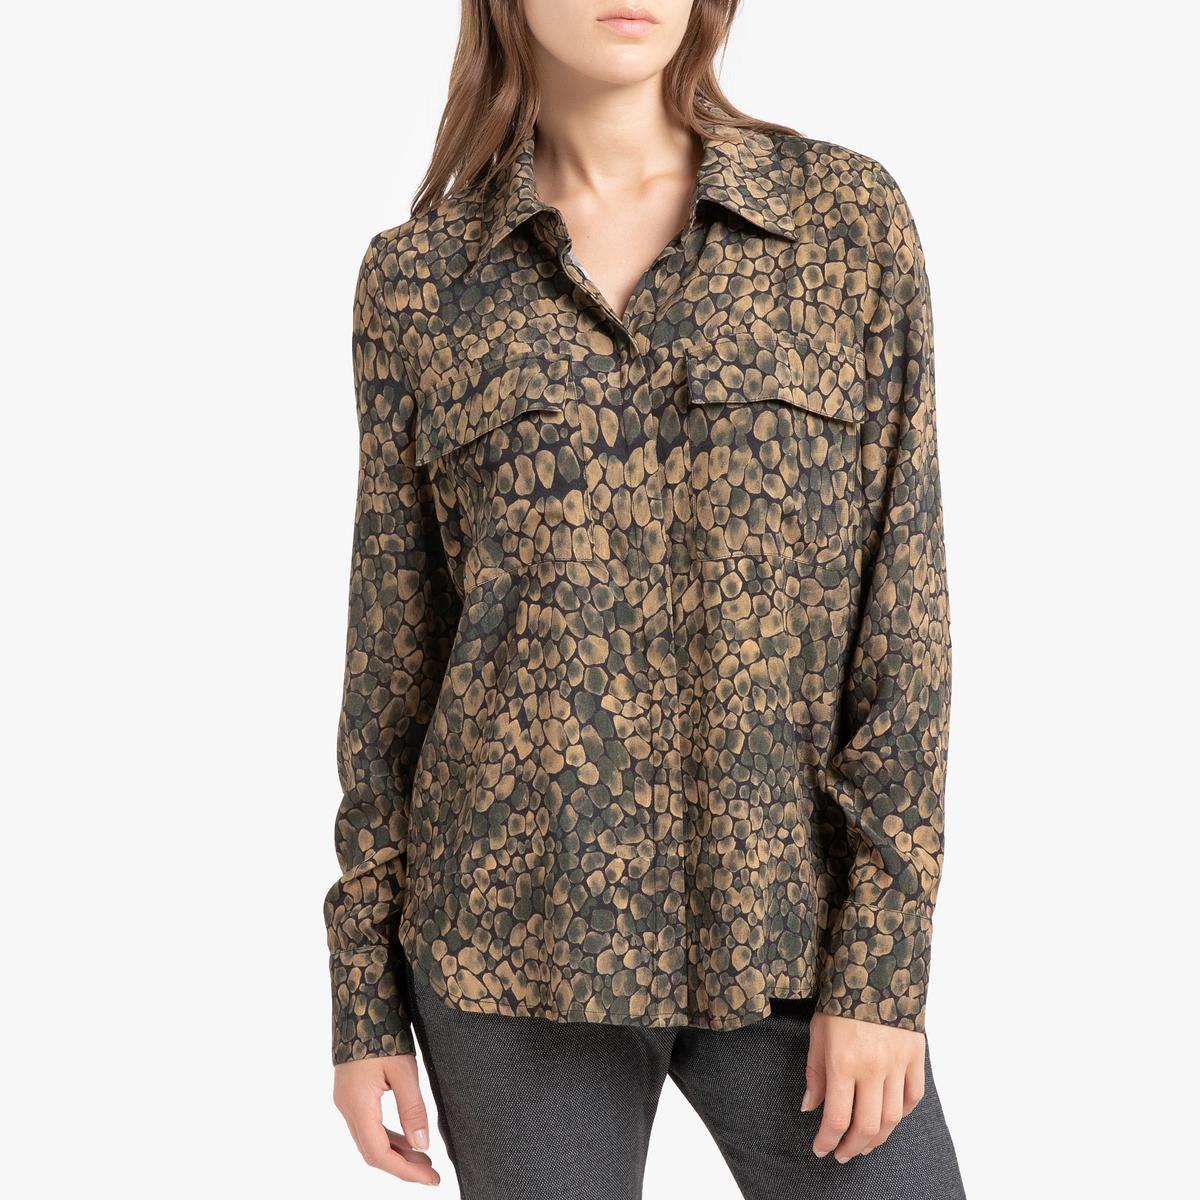 купить Блузка La Redoute С принтом с длинными рукавами PLUME 36 (FR) - 42 (RUS) другие по цене 8299 рублей